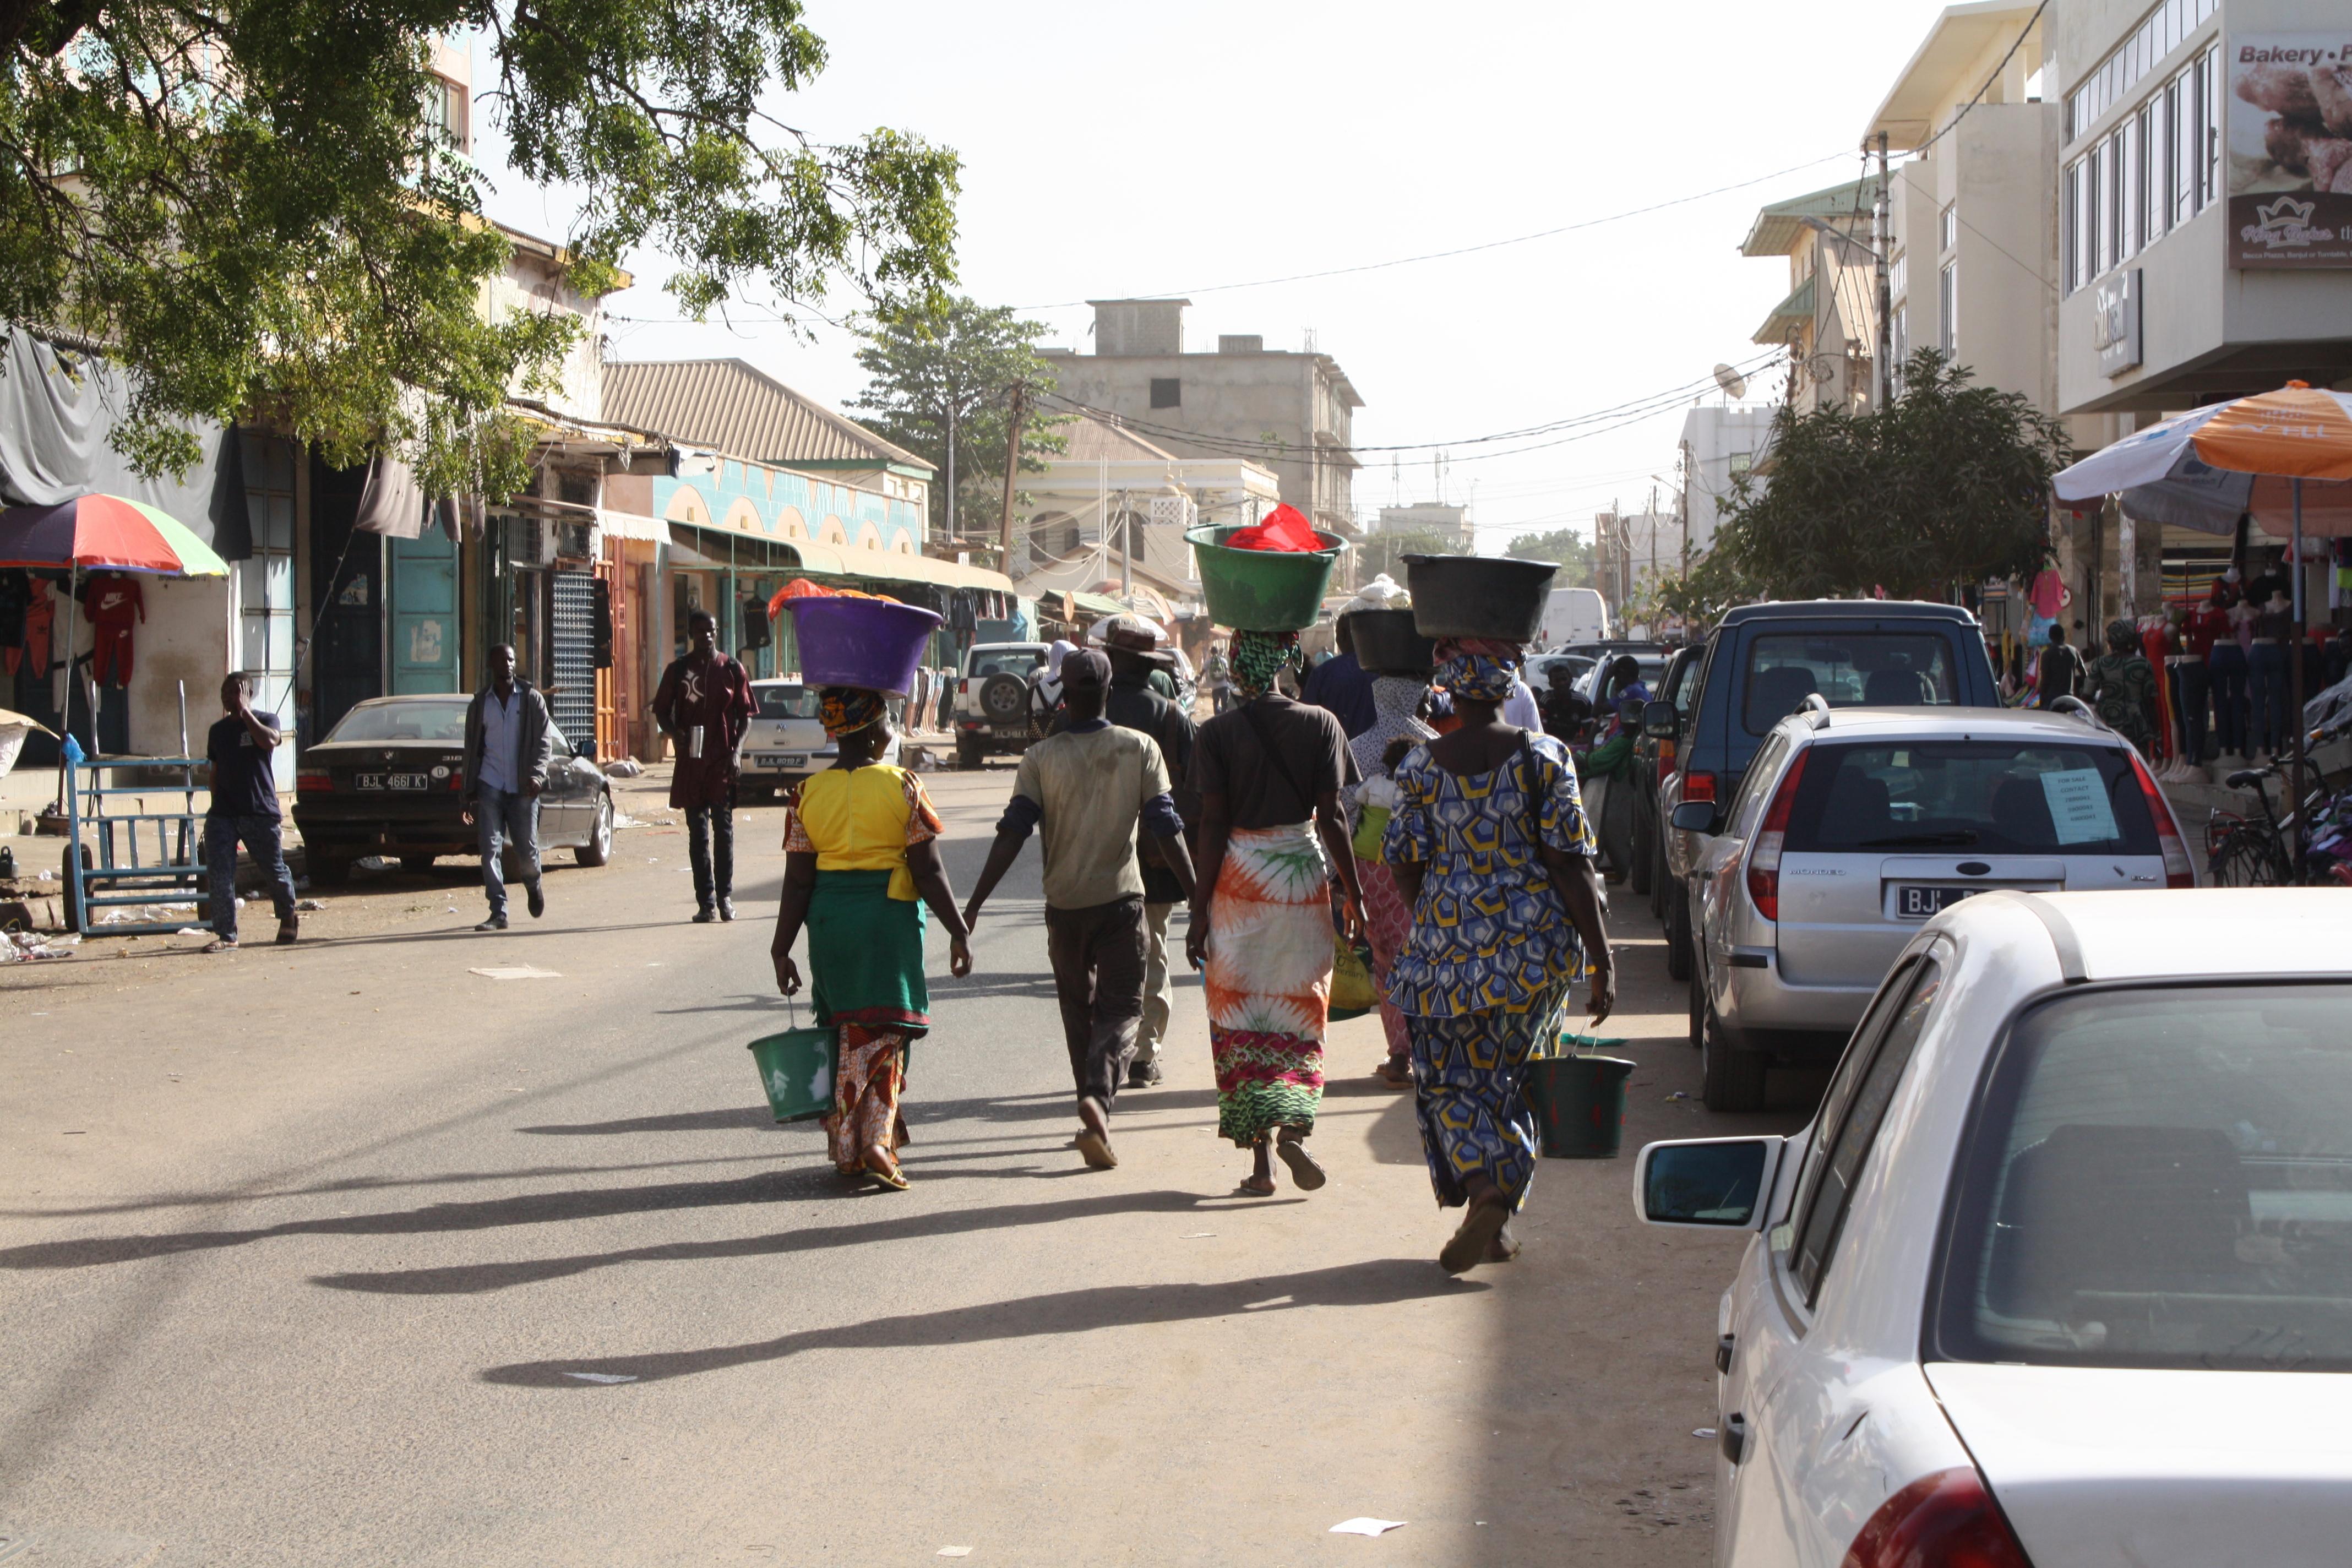 Gambia-podróż do Afryki-za i przeciw